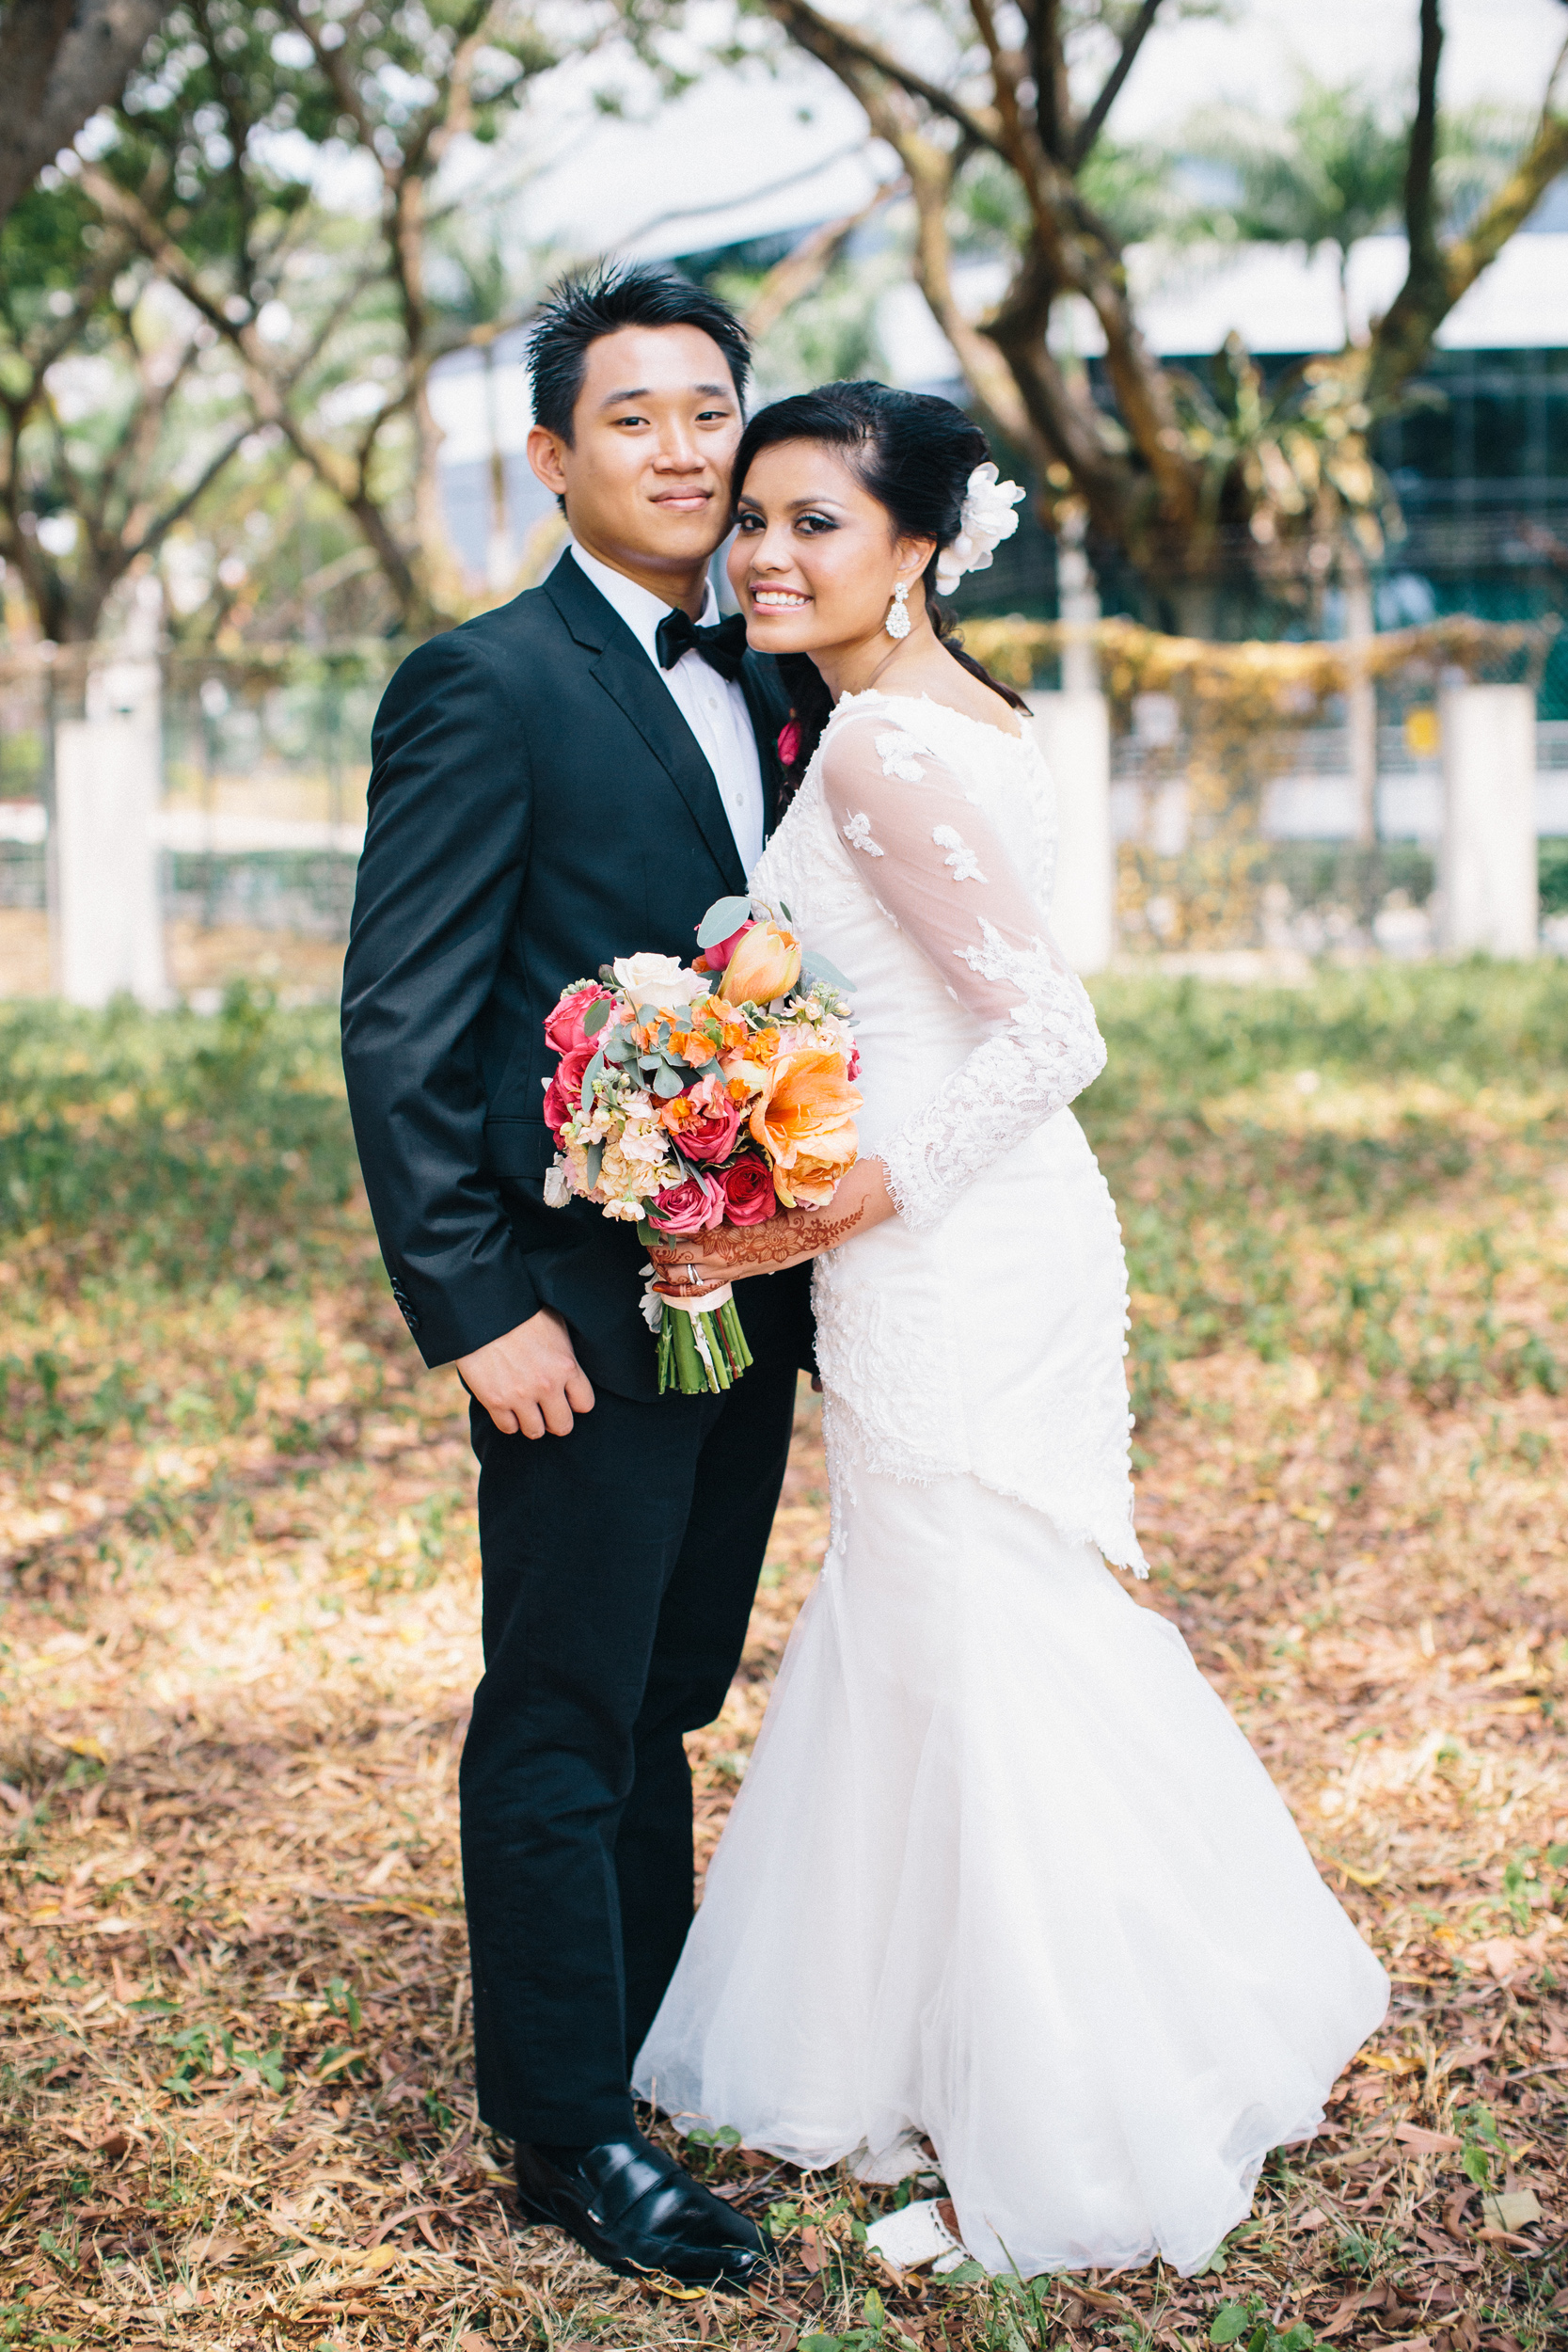 singapore-wedding-photographer-wemadethese-shikin-yanho-041.jpg